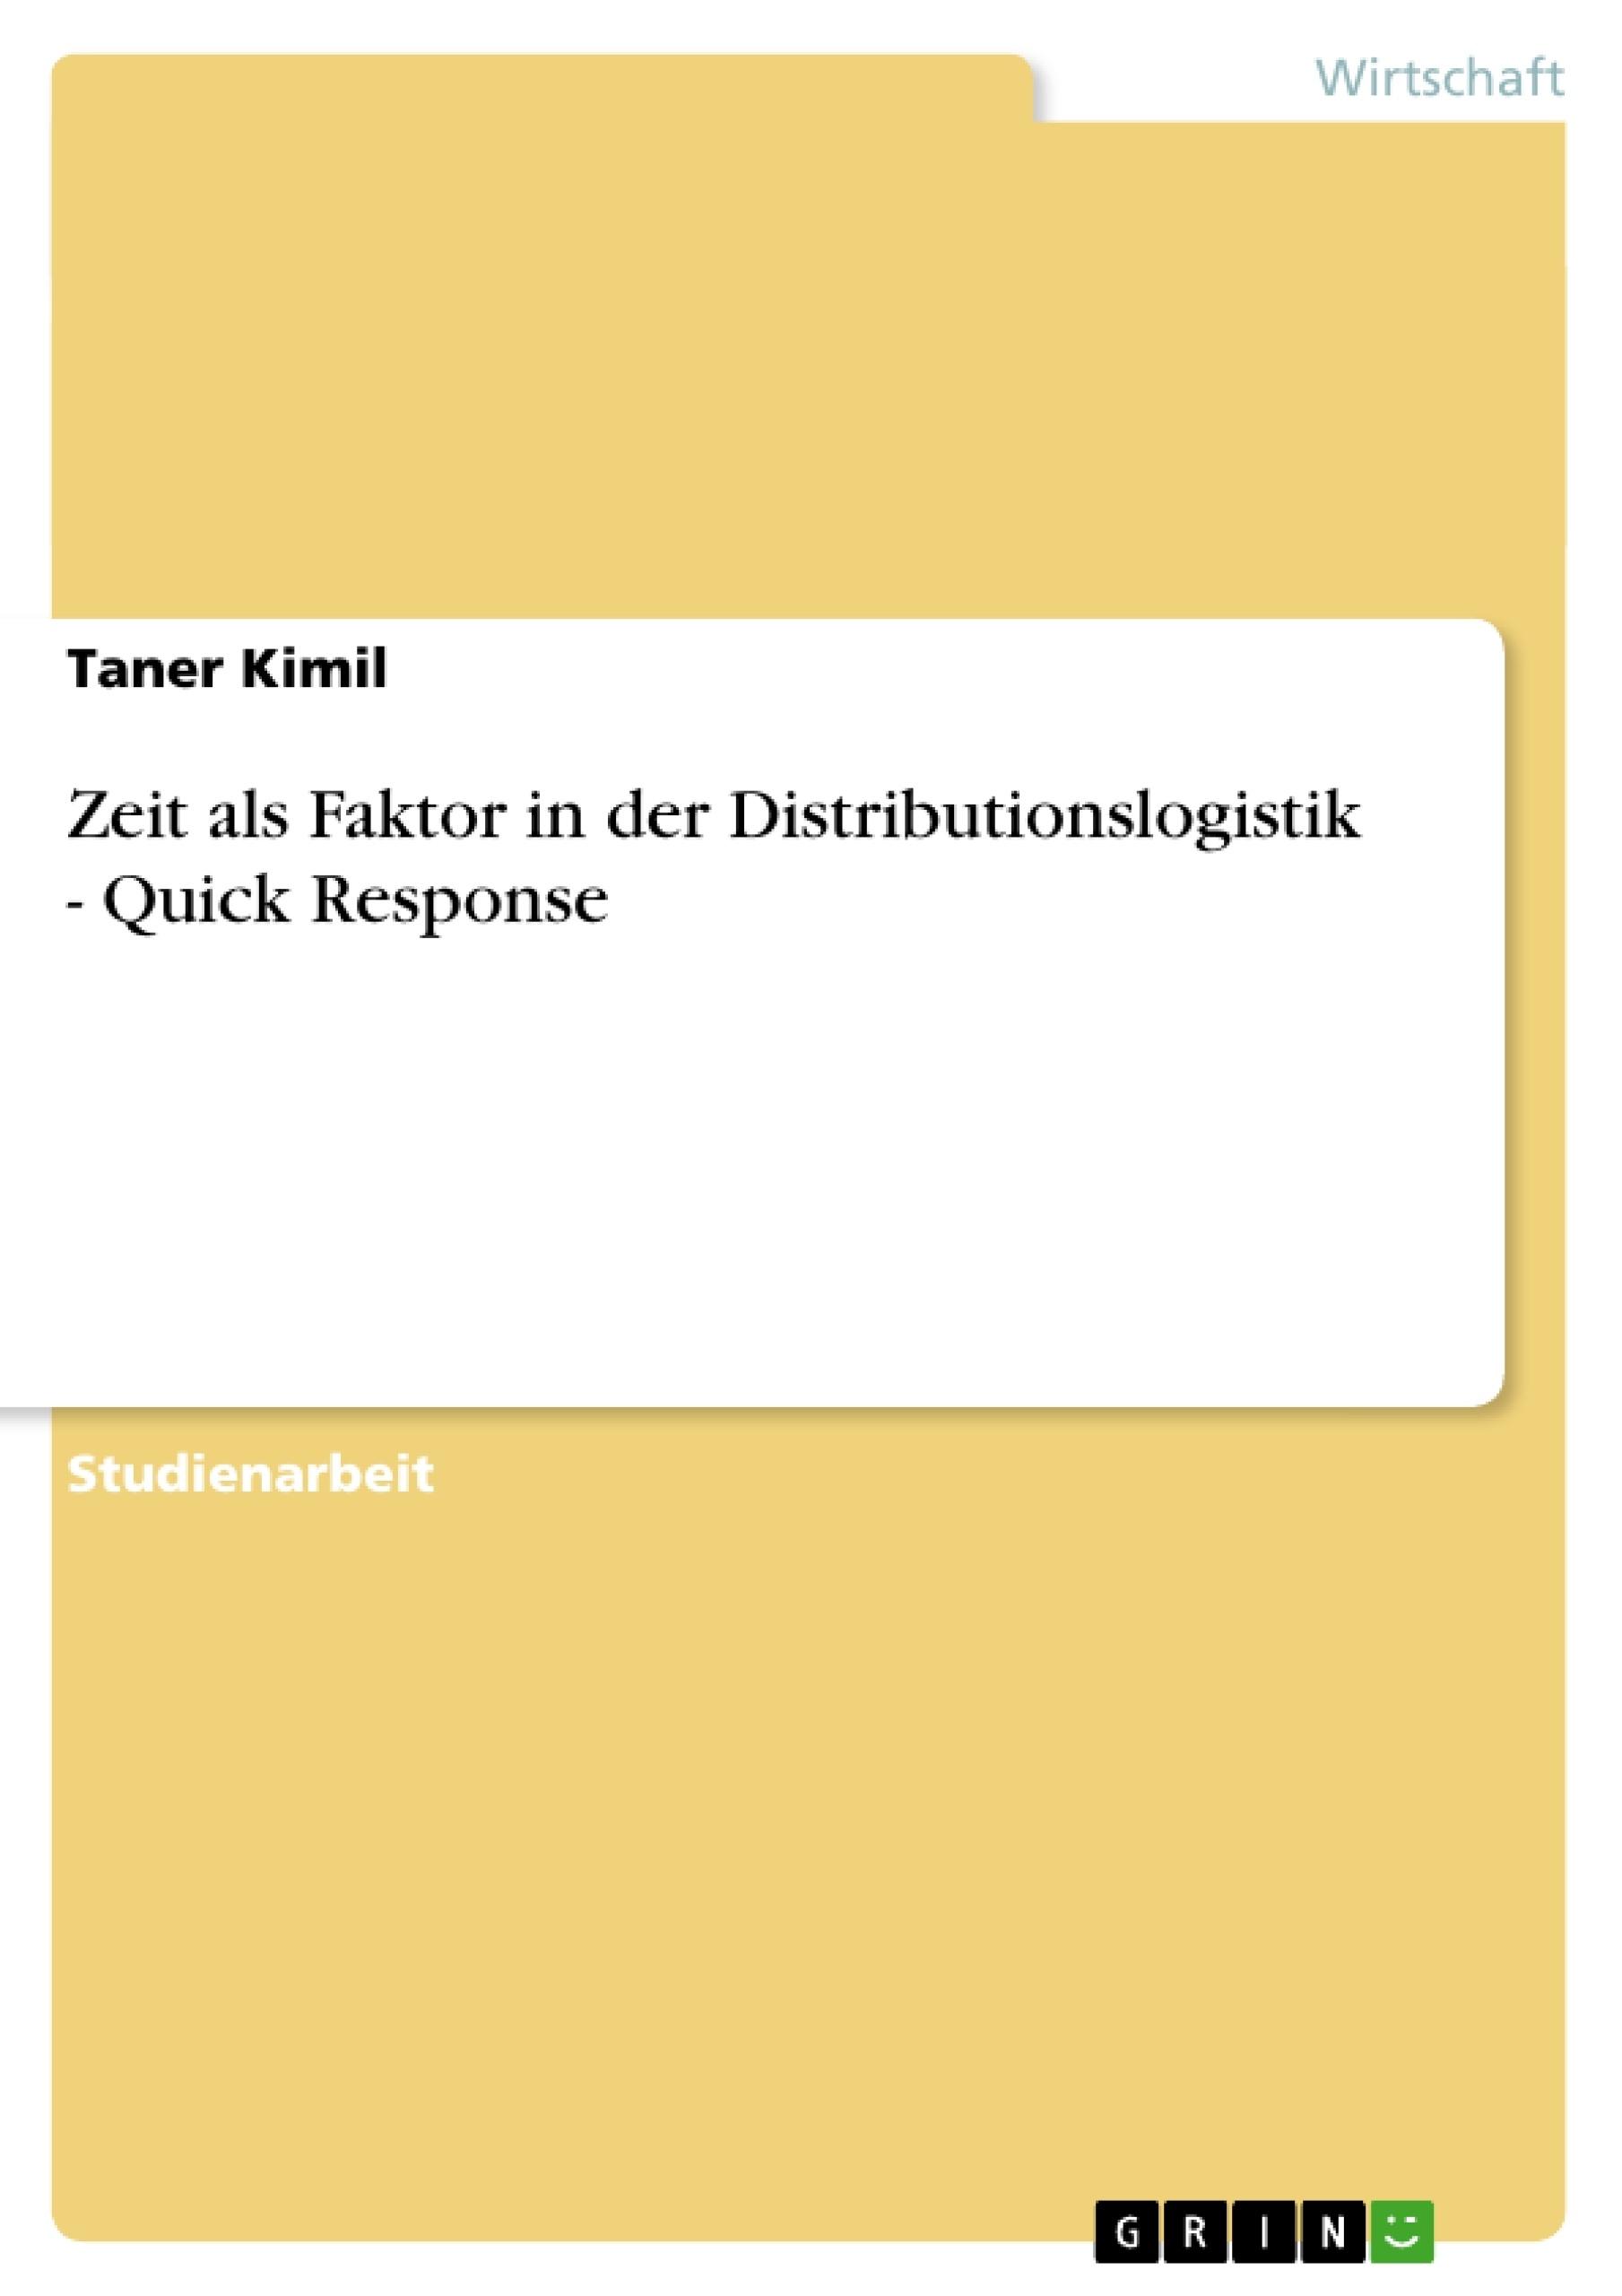 Titel: Zeit als Faktor in der Distributionslogistik - Quick Response